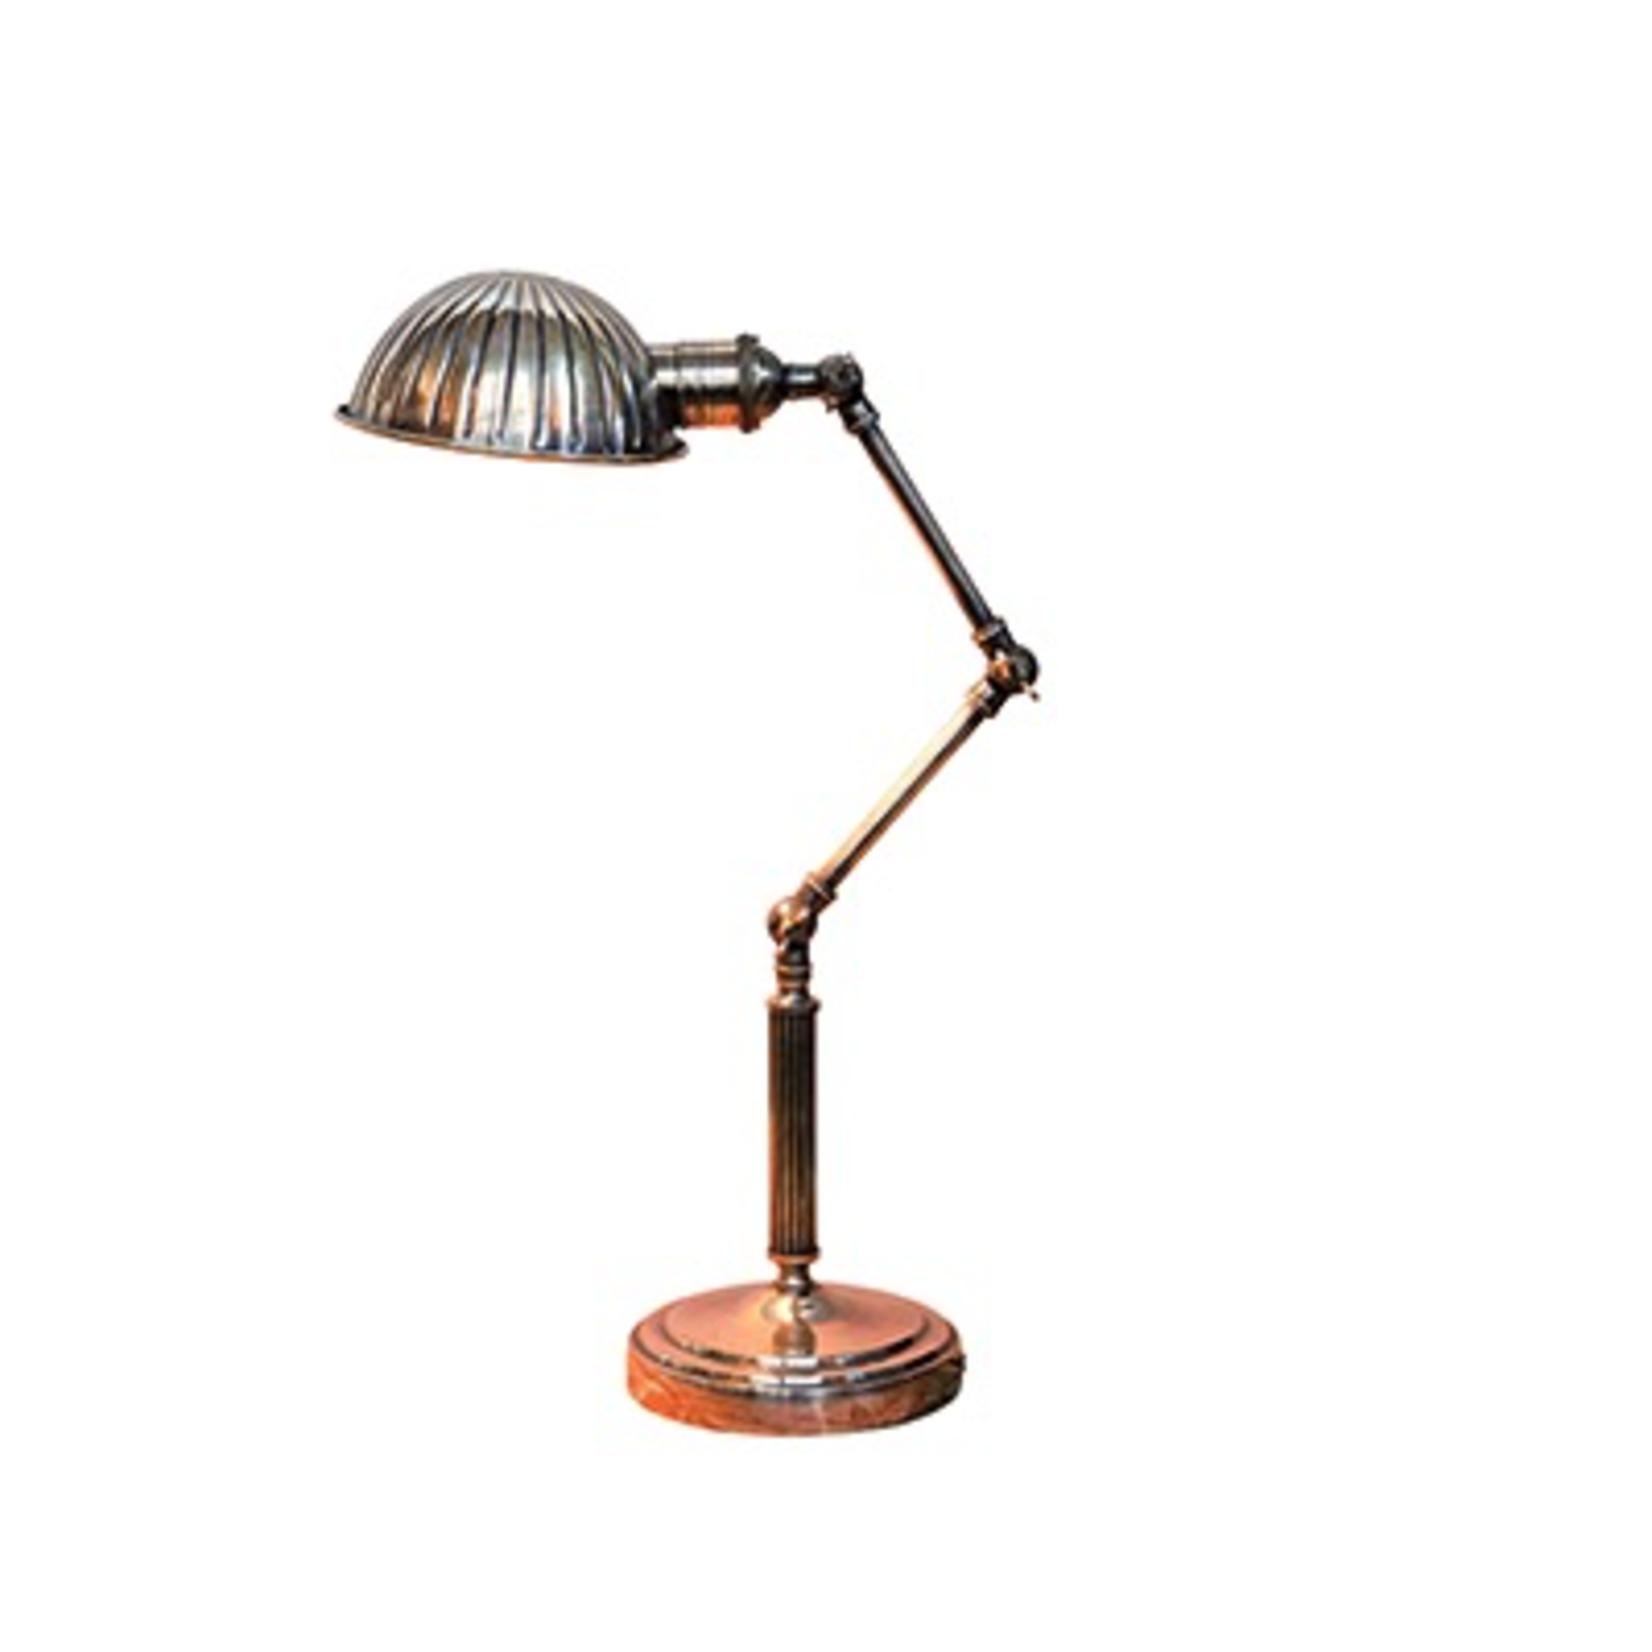 CHEHOMA LAMPBASE WITH SHELL SHADE